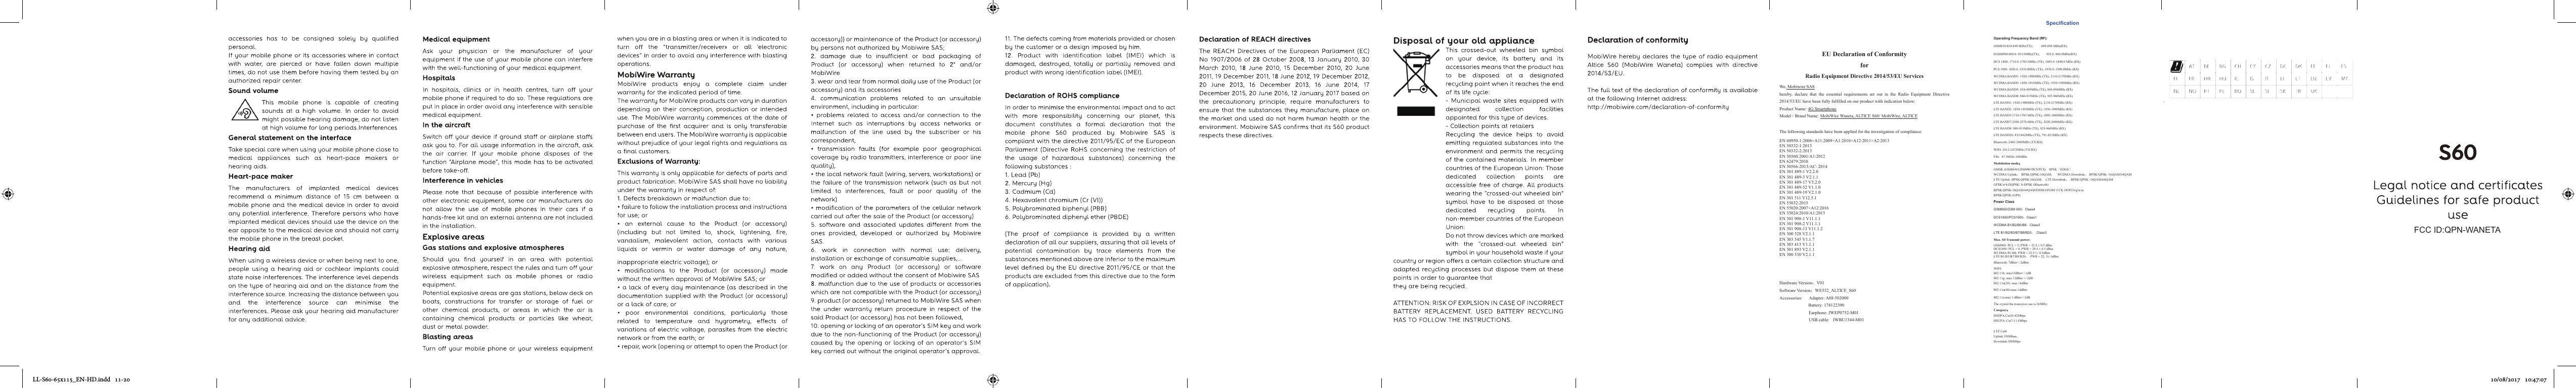 gps awesafe model a1 instruction manual